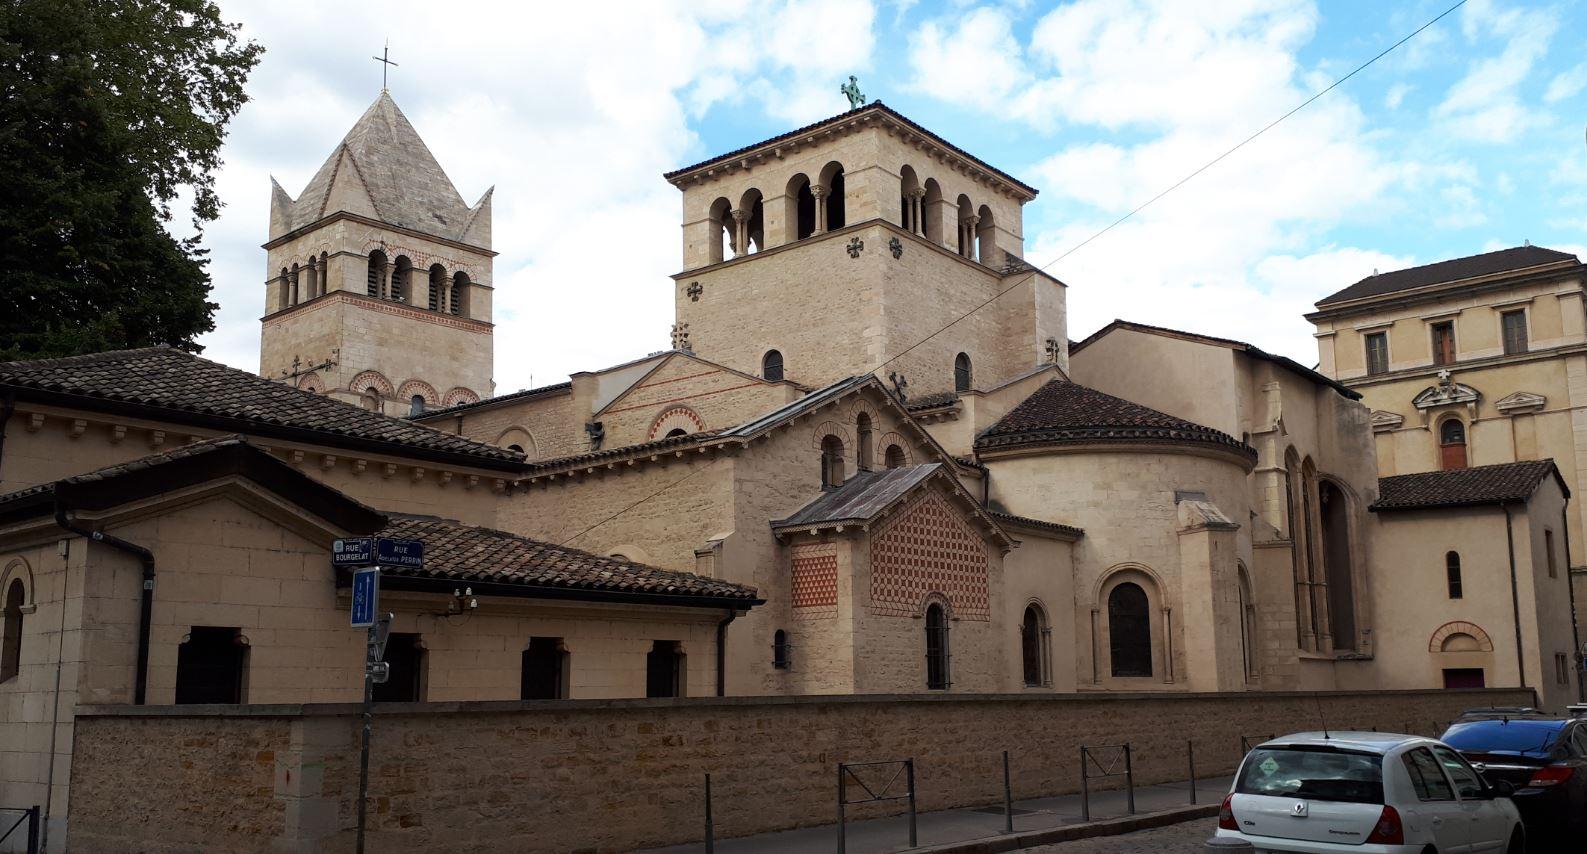 Paroisse de Saint-Martin d'Ainay lyon